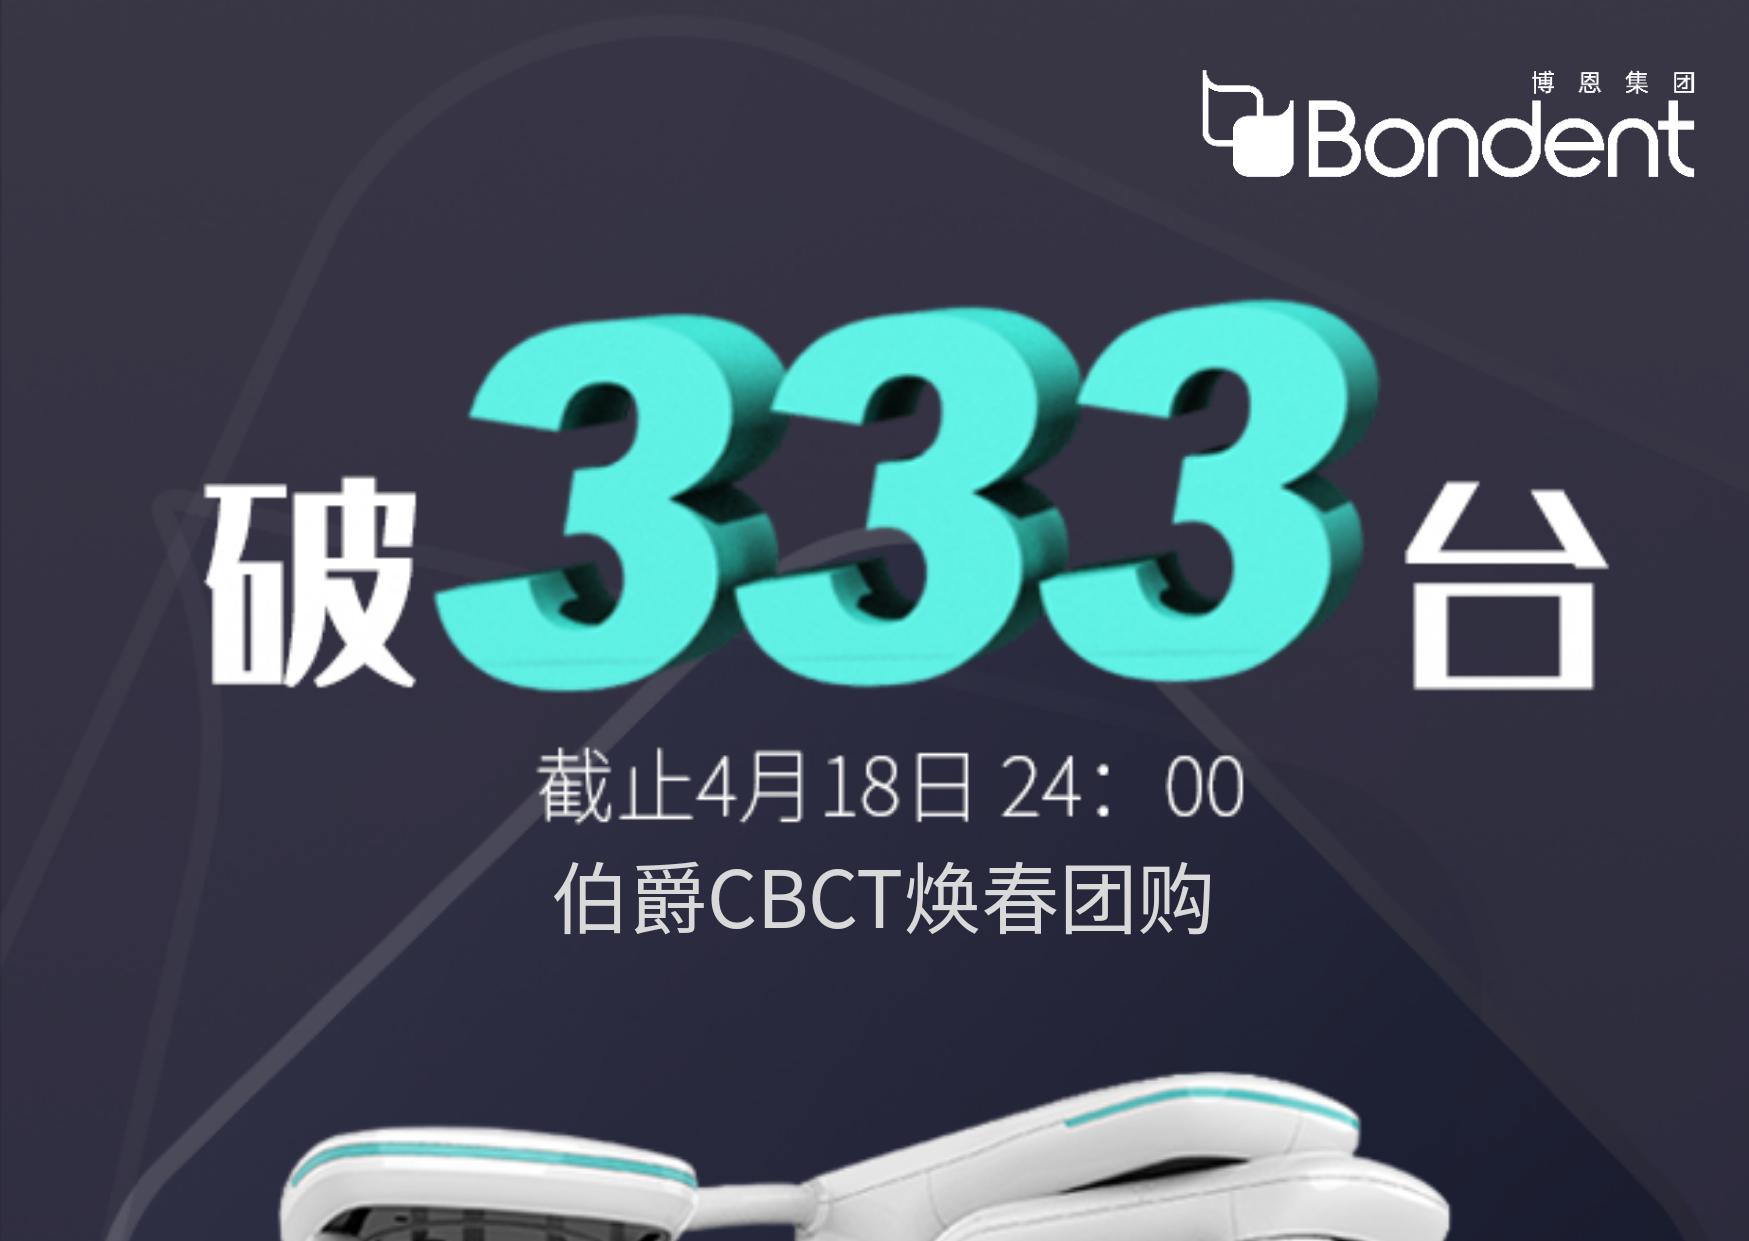 焕春团购,伯爵CBCT订购量破333台!!!